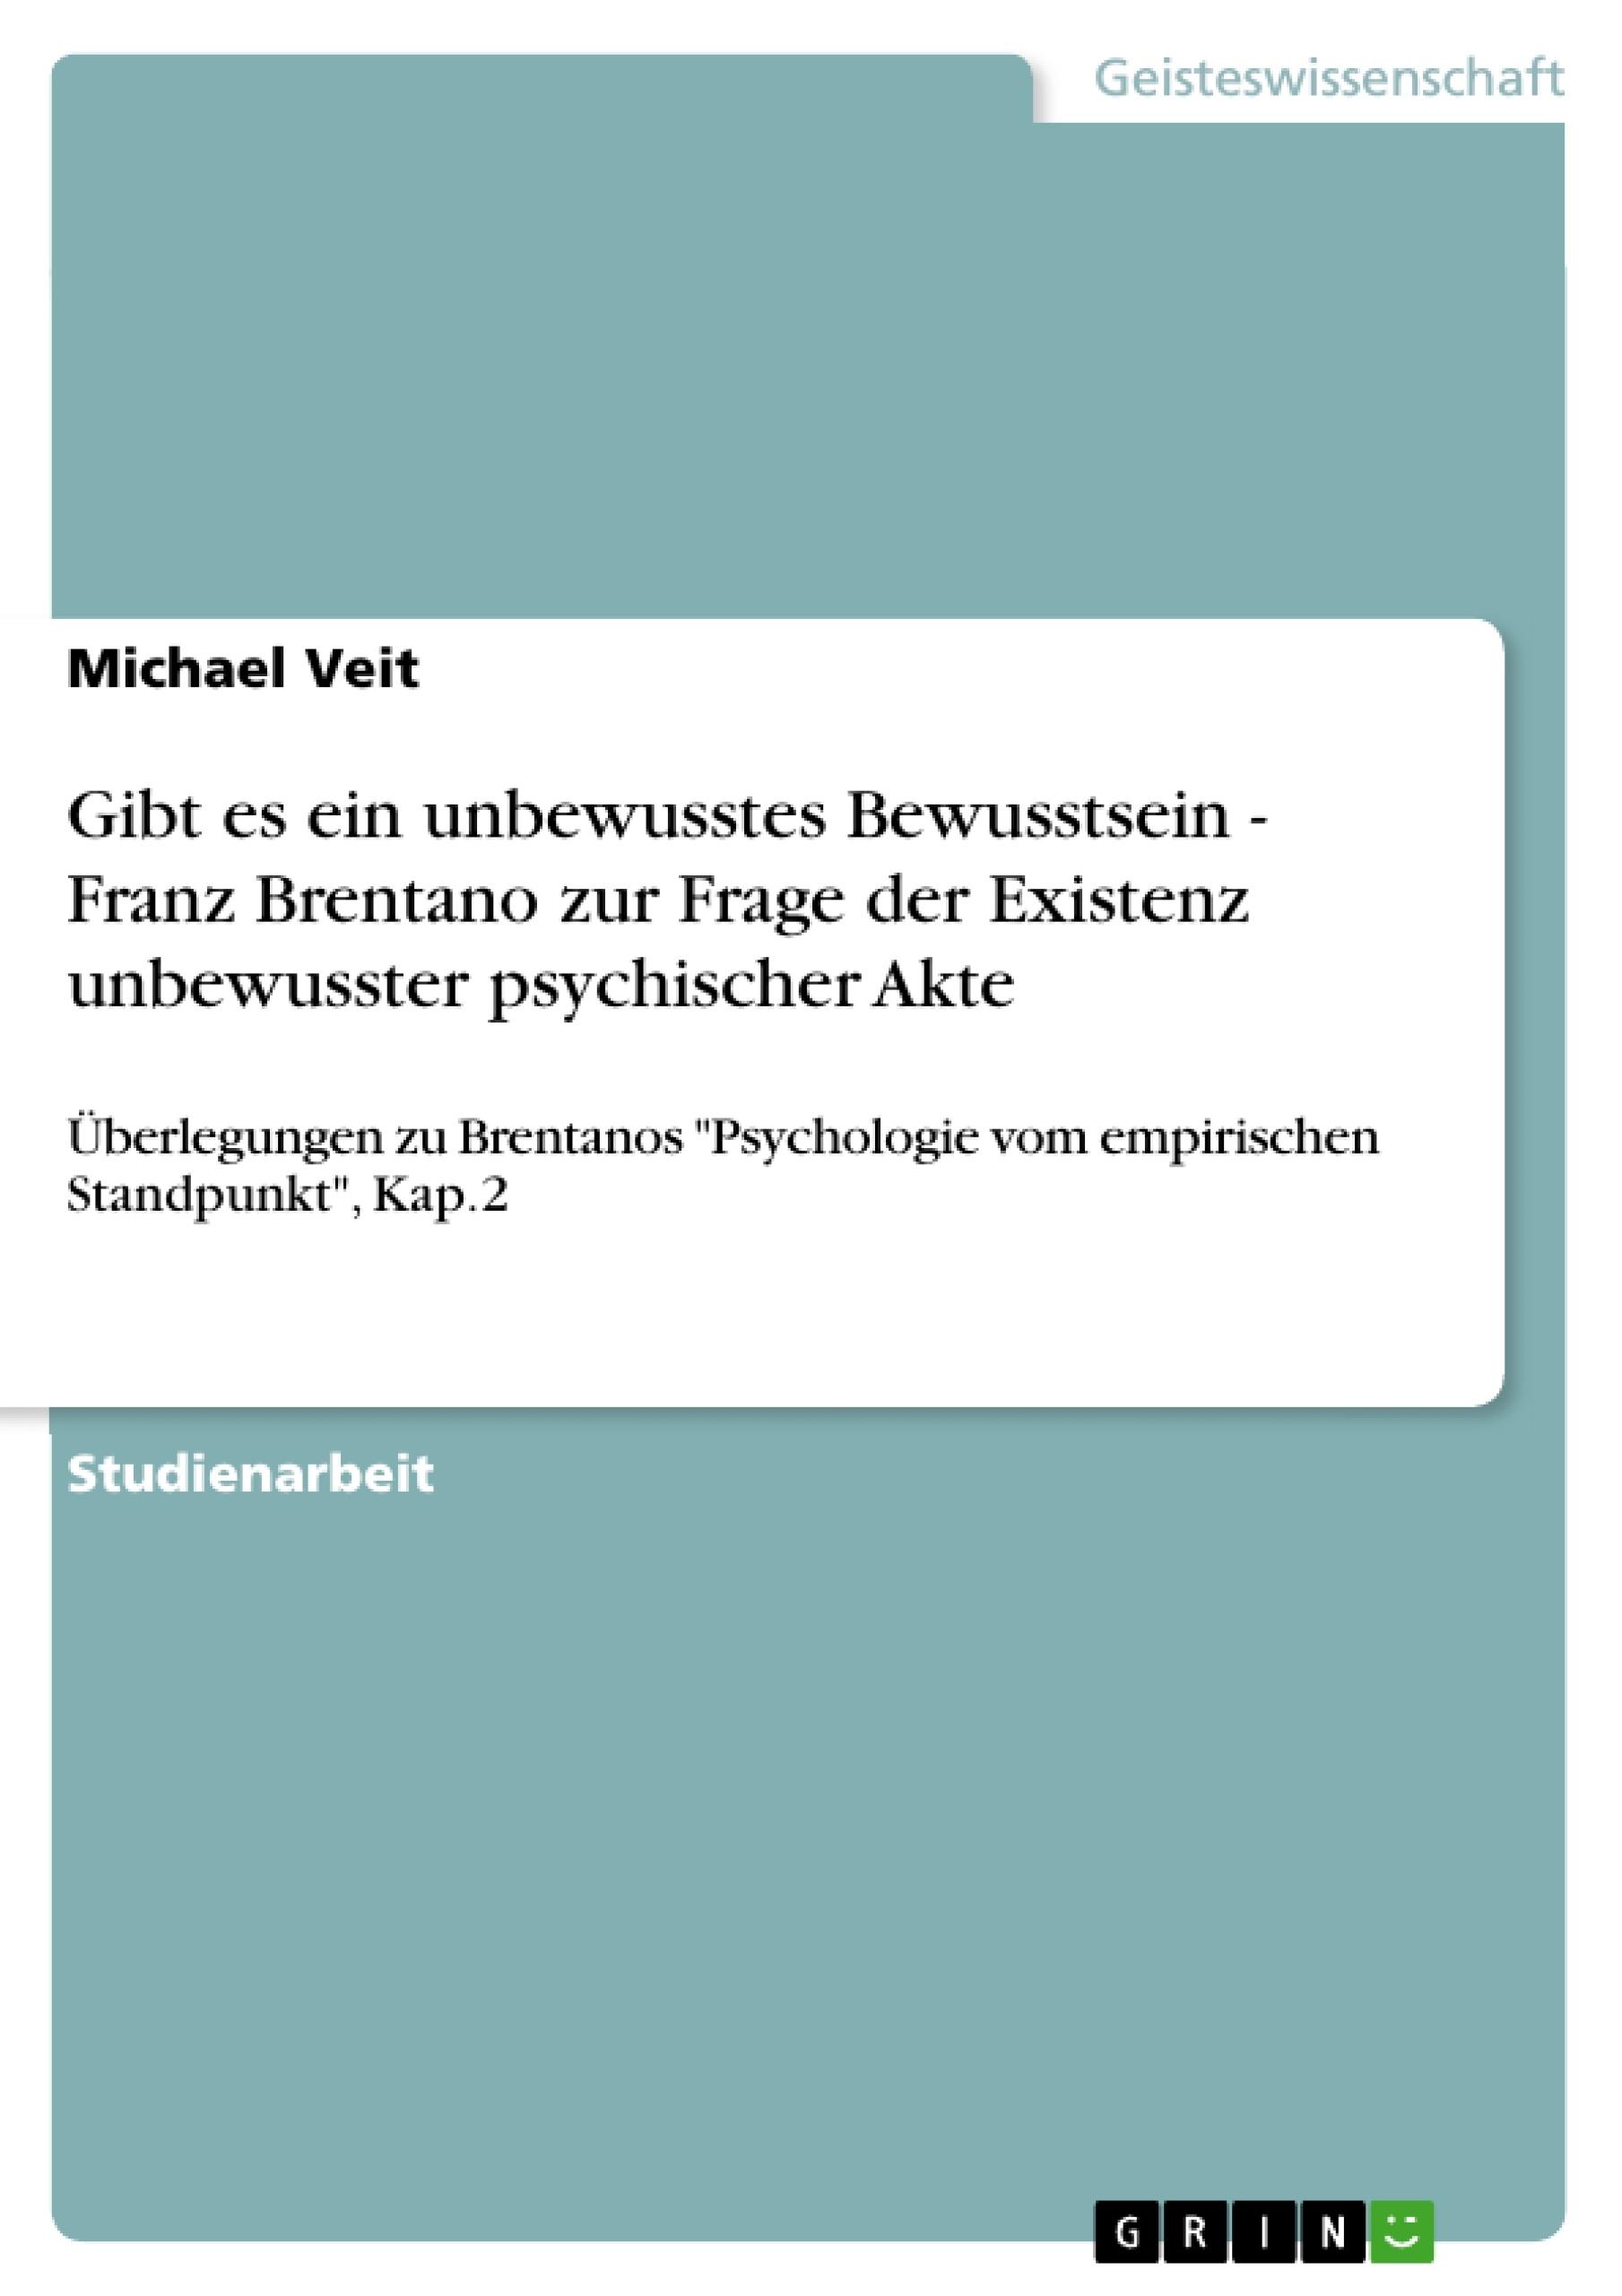 Titel: Gibt es ein unbewusstes Bewusstsein - Franz Brentano zur Frage der Existenz unbewusster psychischer Akte